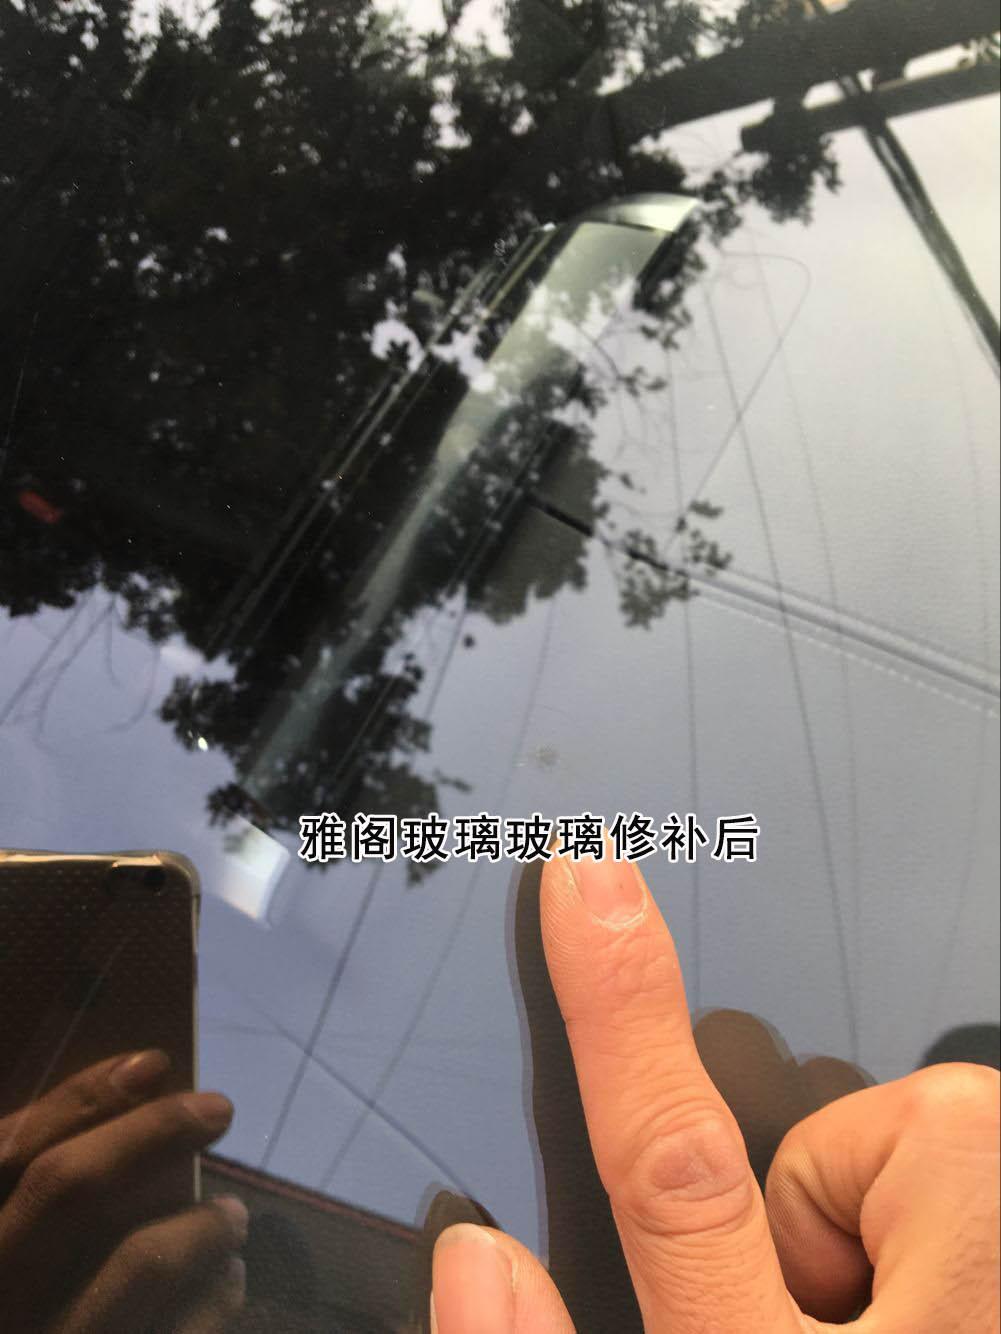 雅阁玻璃修复对比1.jpg